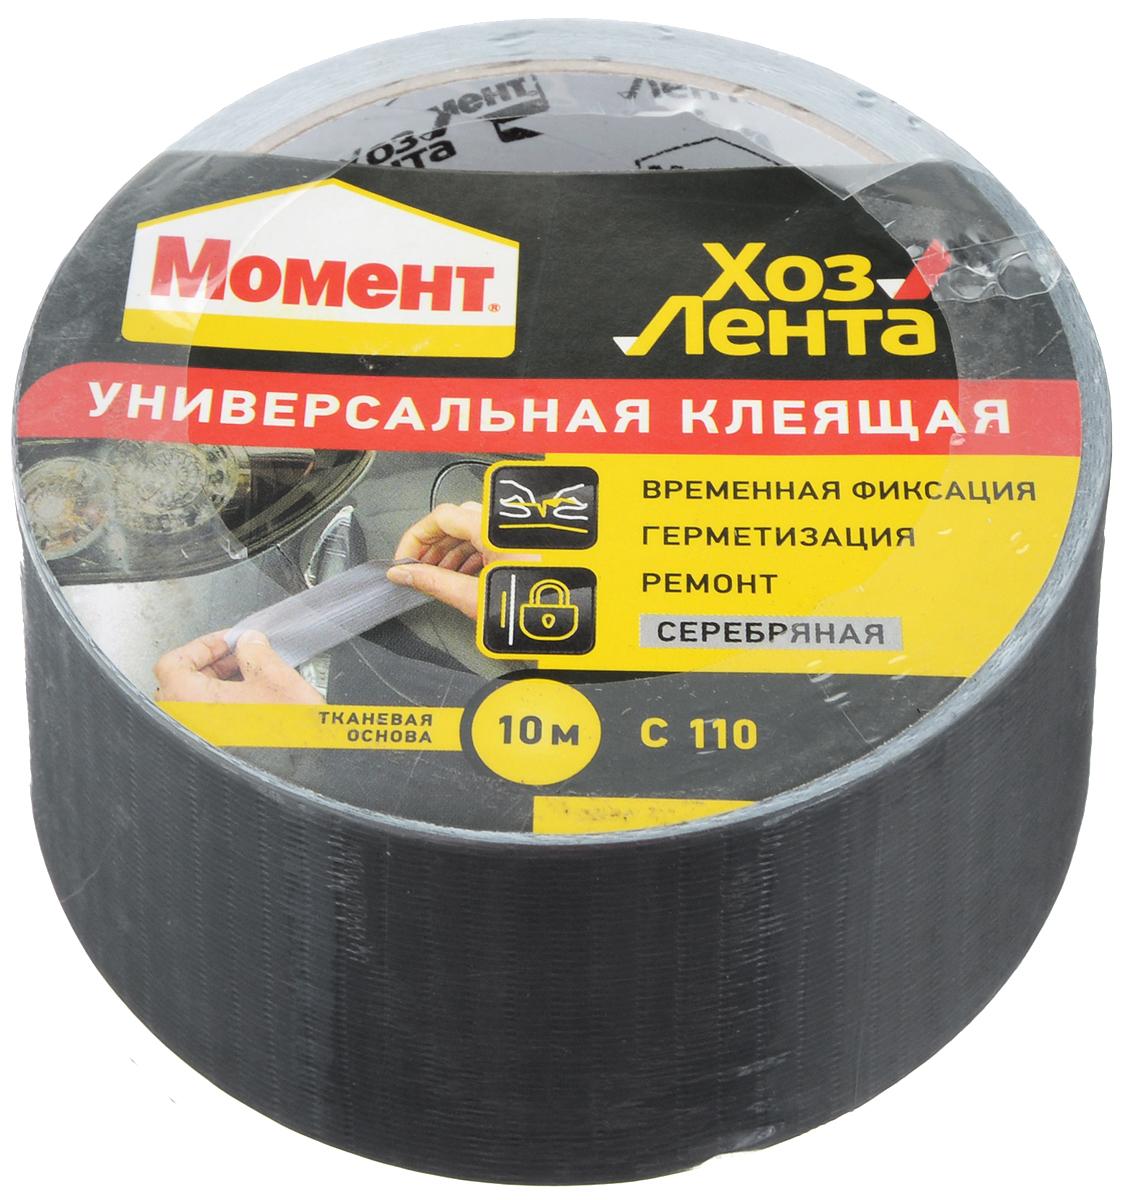 Лента клеящая Момент ХозЛента, универсальная, 10 м1161082Самоклеящаяся лента Момент ХозЛента с адгезивной системой на тканевой основе. Применяется для соединений, требующих склеивания, герметизации, изоляции, а также для временного ремонта изделий и упаковки. Удобна в использовании (легко рвется руками). Преимущества ленты: Прочная. Водонепроницаемая. Не требуется использование ножниц. Состав: полиэтиленовая пленка, ткань, синтетический каучук, смолы. Длина ленты: 10 м. Ширина ленты: 4,8 см.